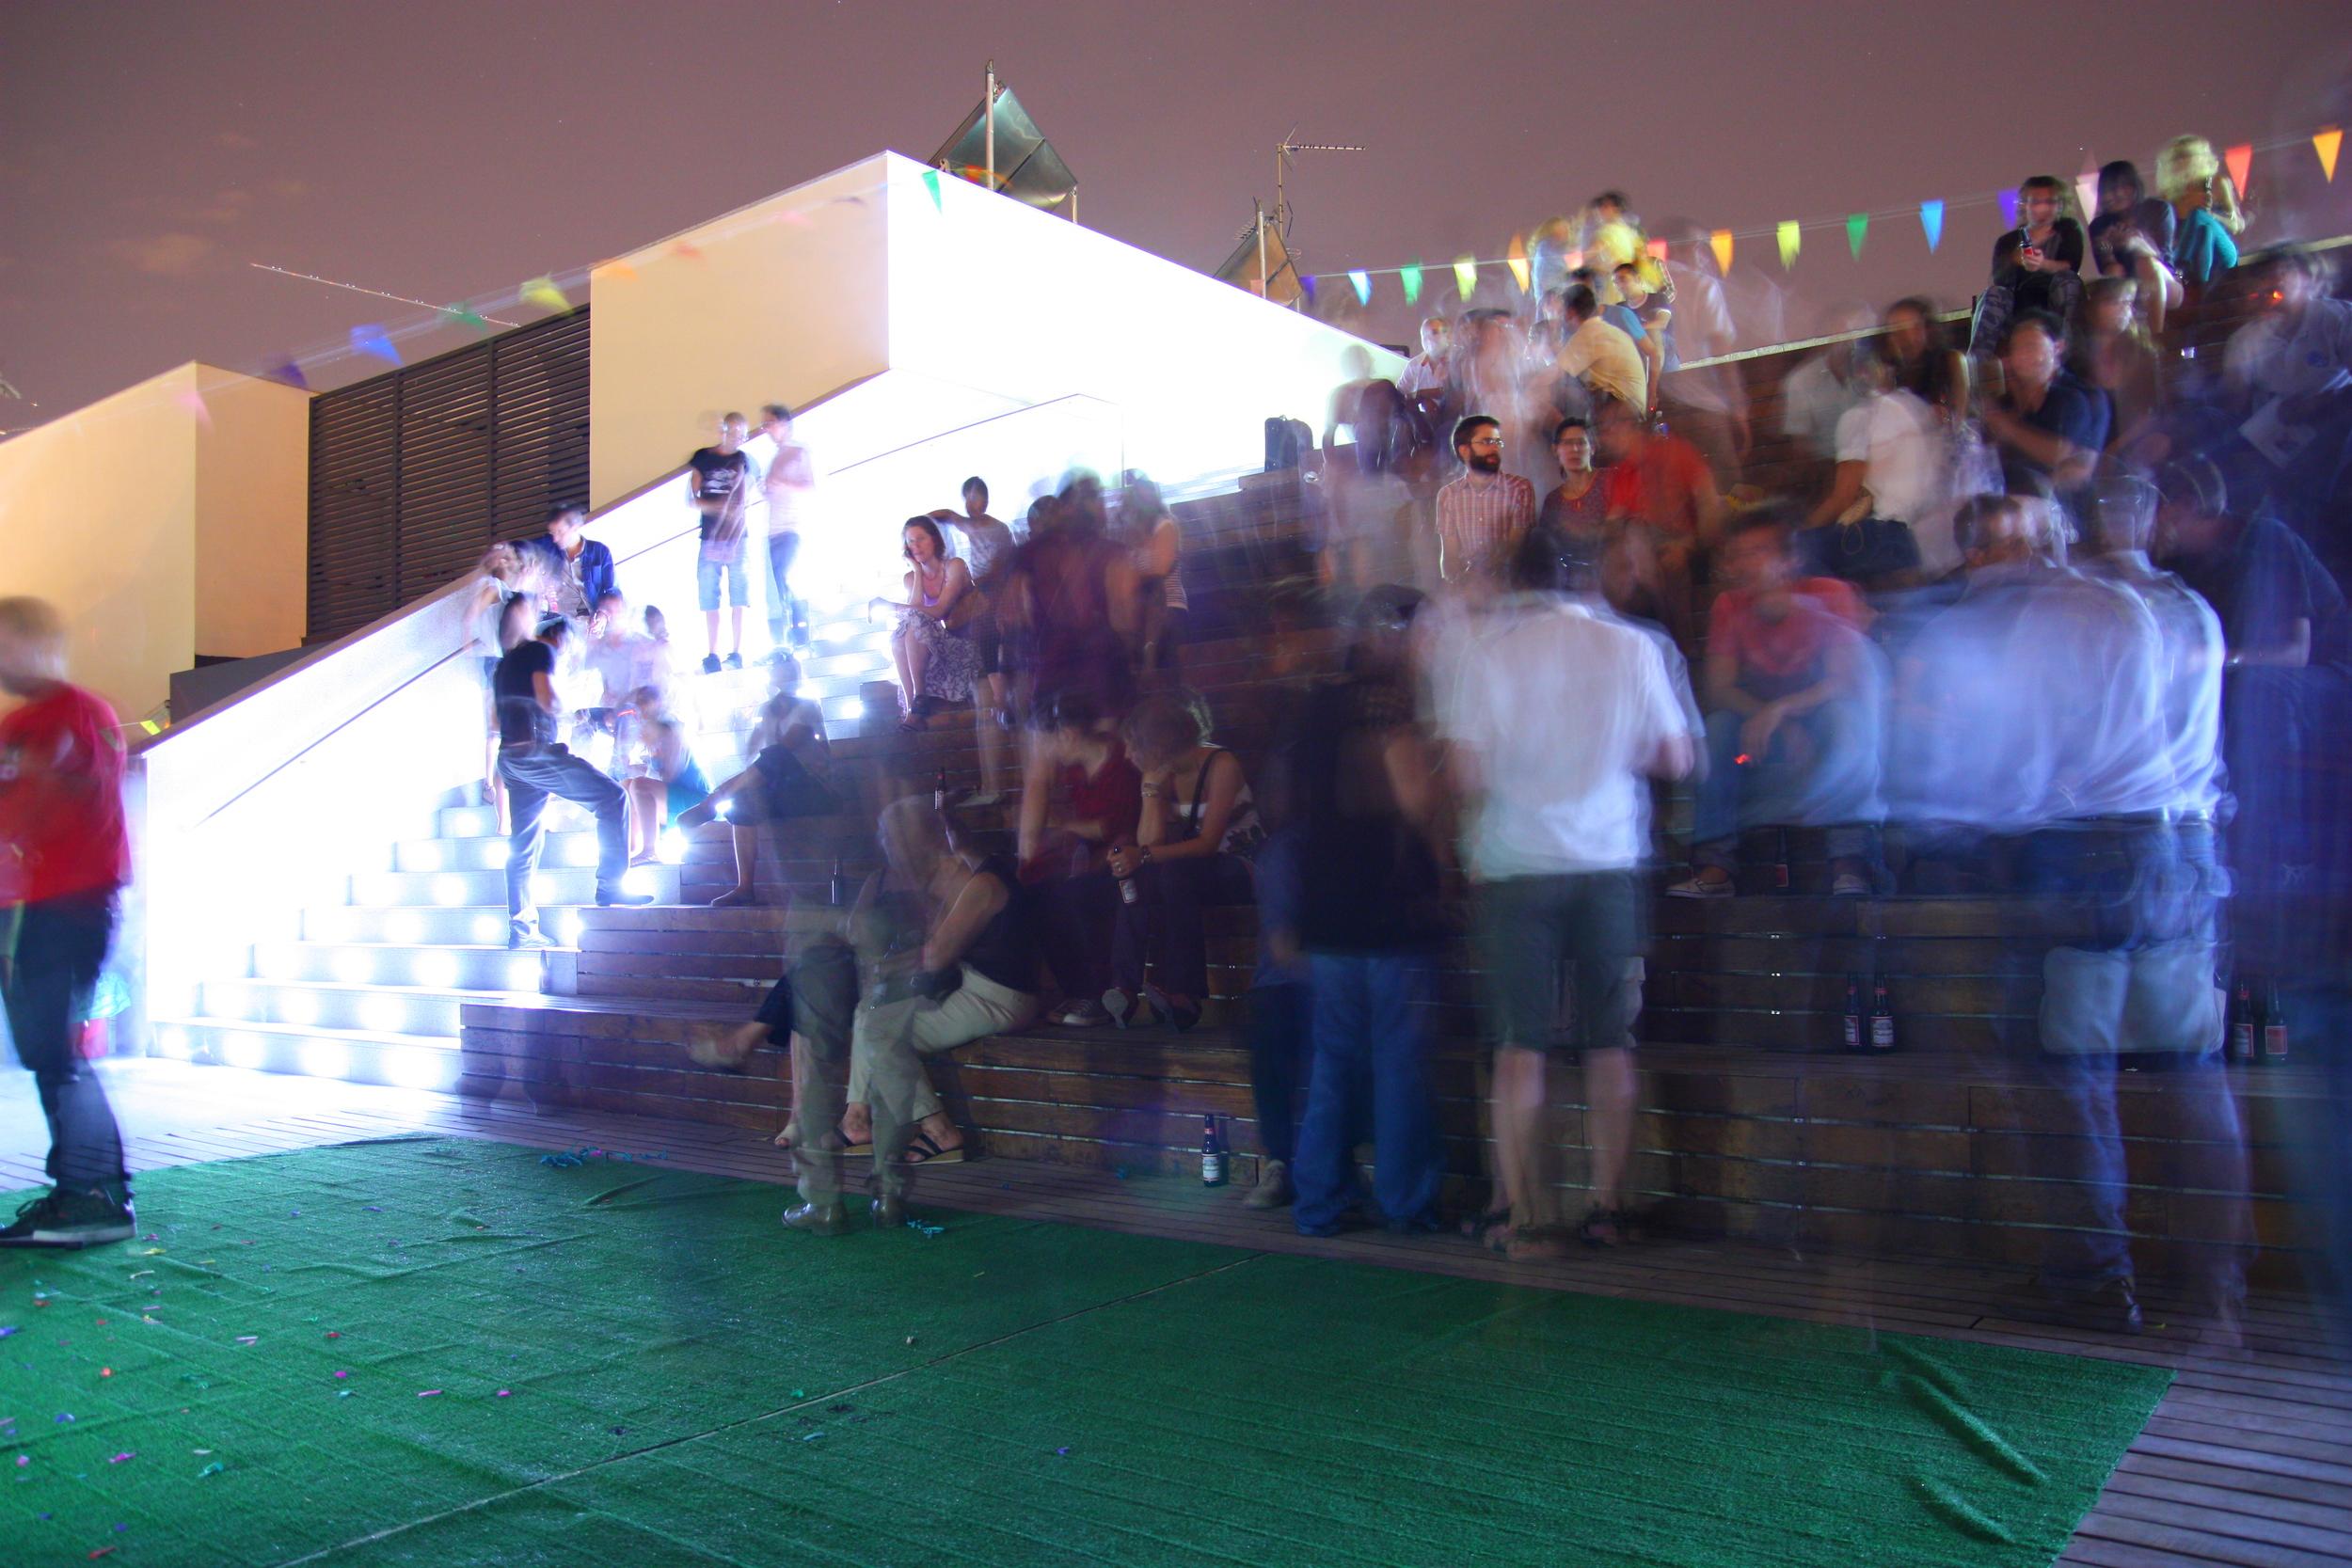 ca2m picnic sessions- terraza del centro. foto carlos granados.jpg